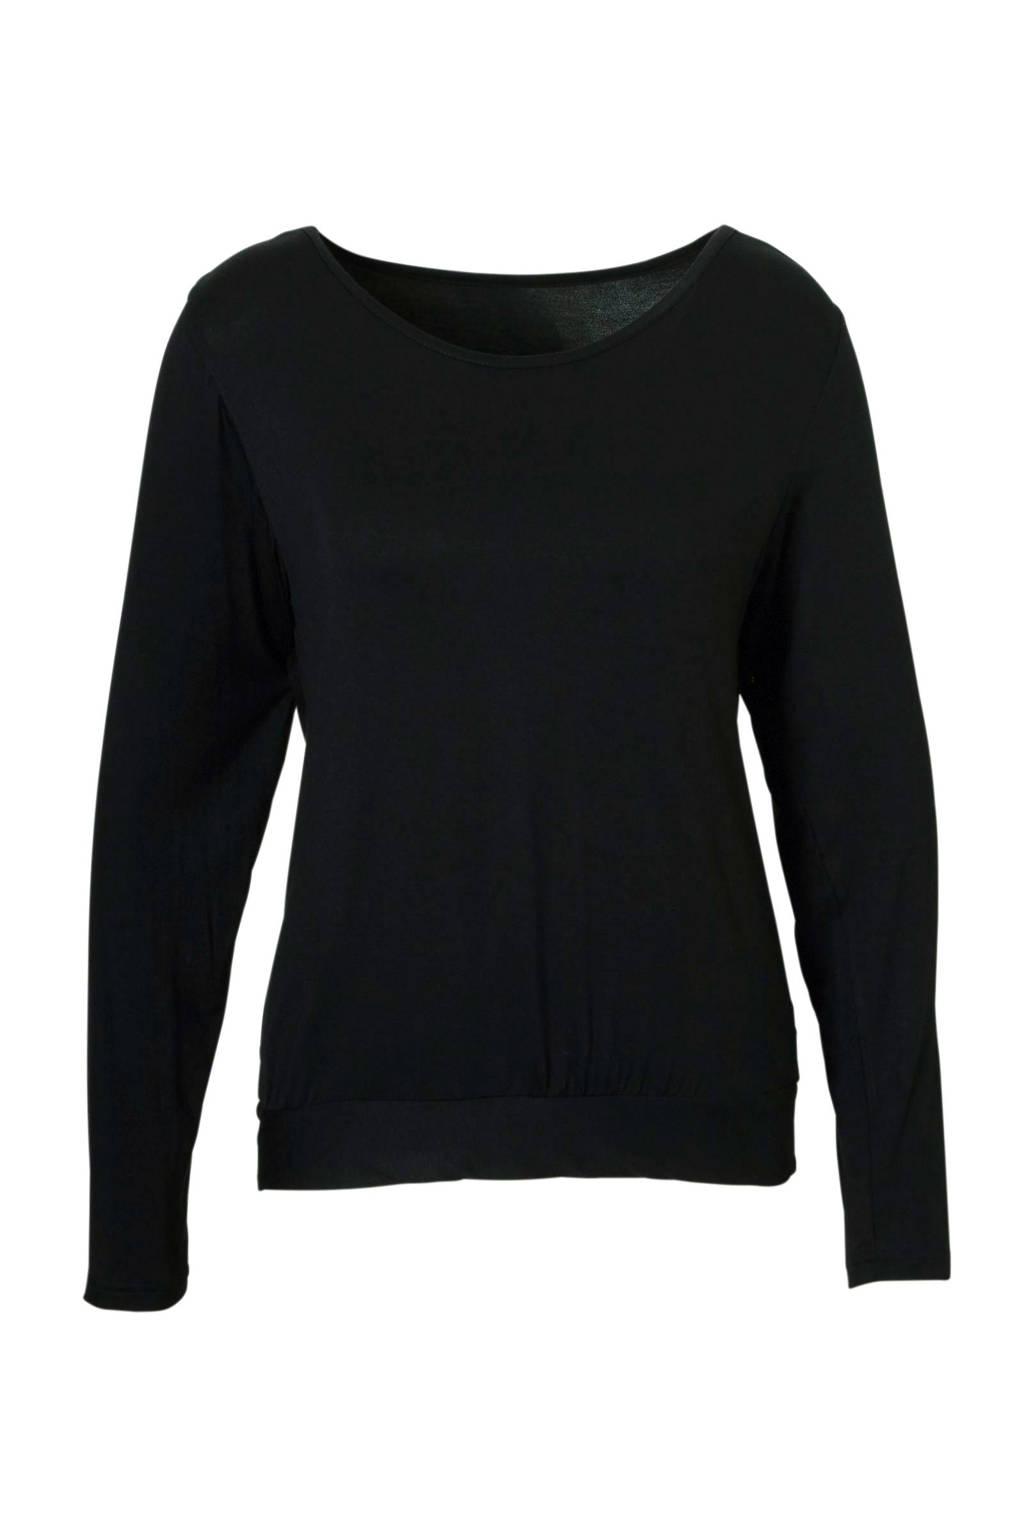 Sassa Mode pyjamatop met ronde hals zwart, Zwart